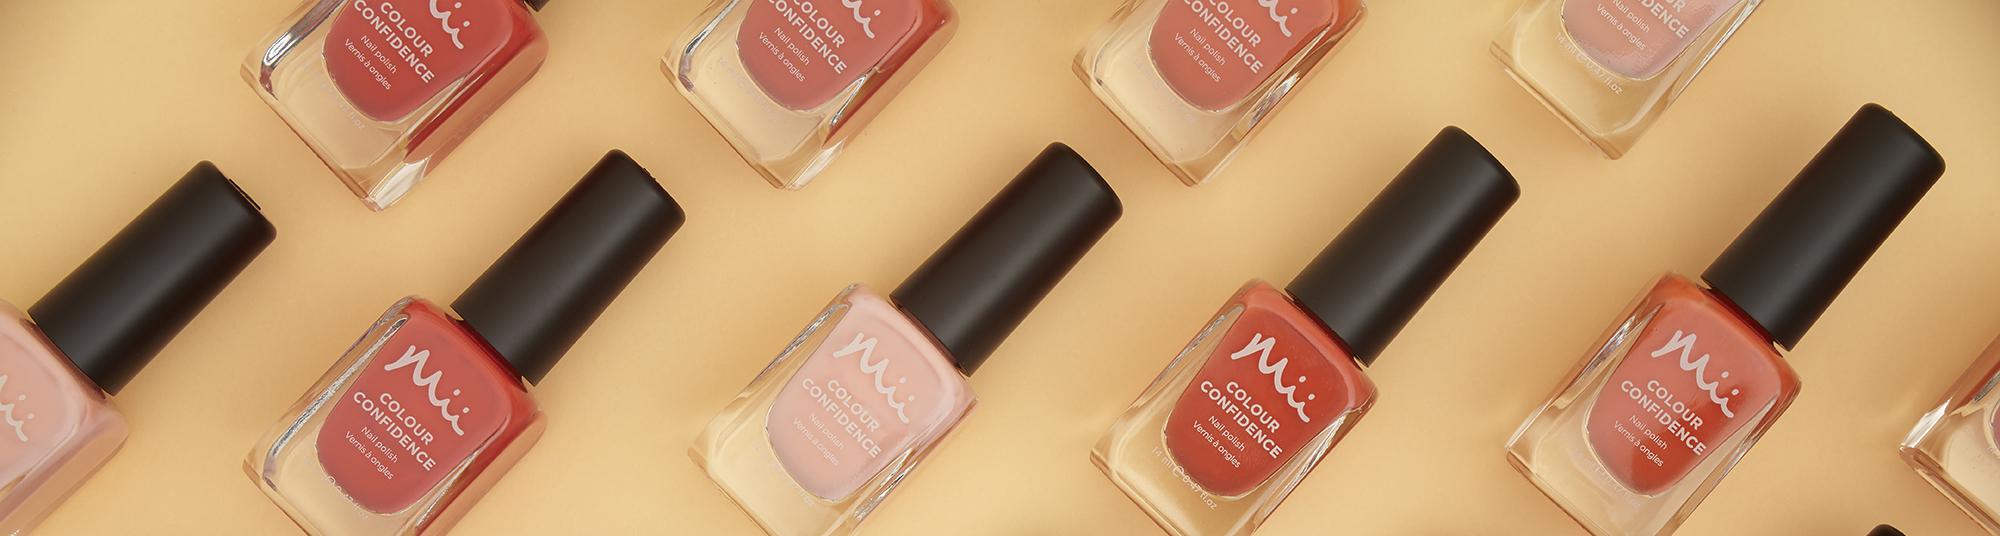 Mii Mii Colour Confidence Nail Polish Orange Category